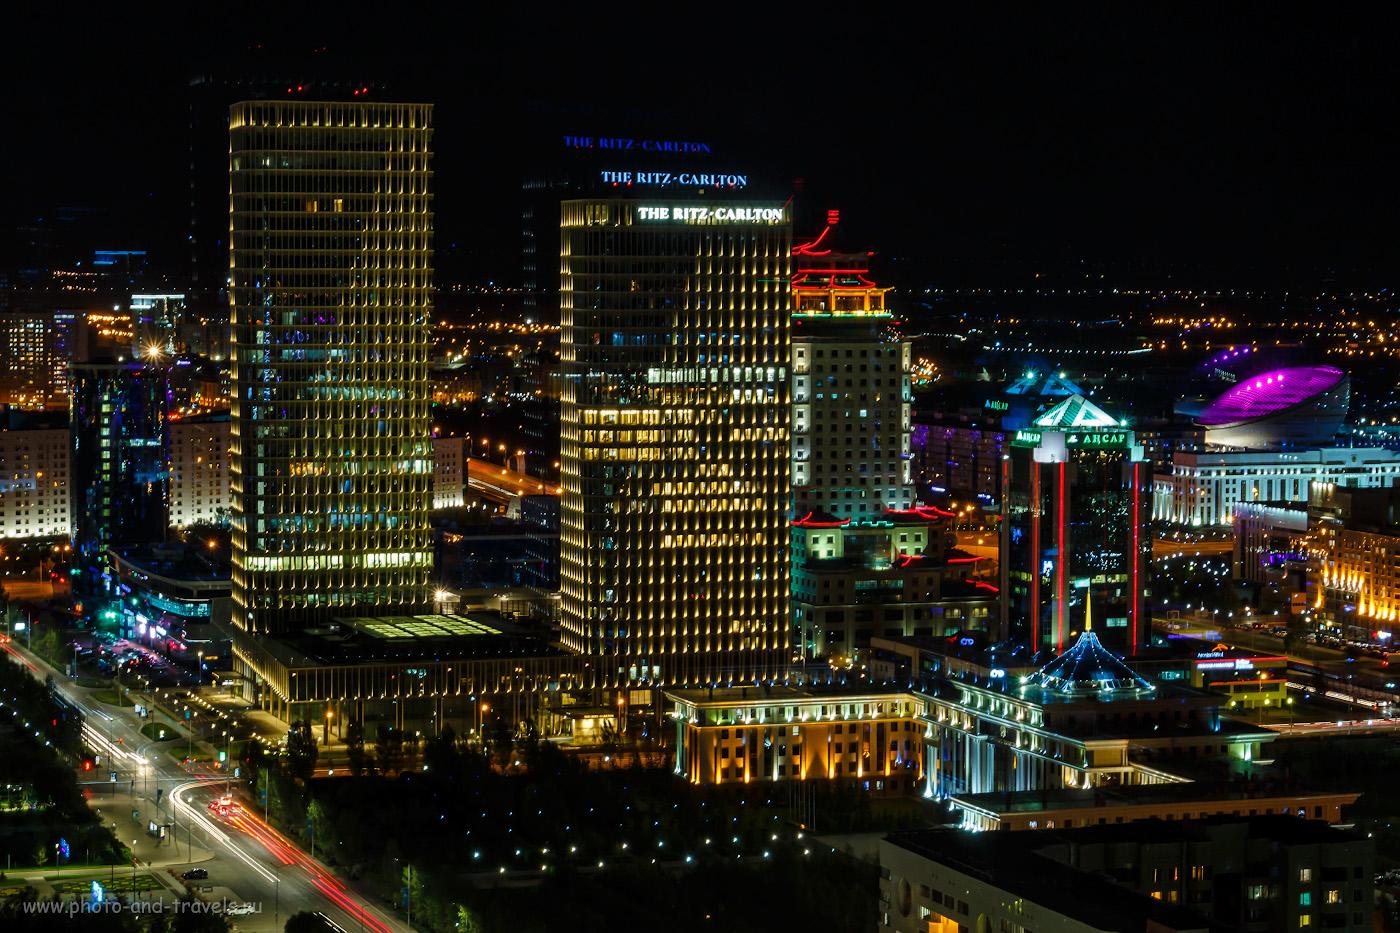 Снимок 37. Астана, башни БЦ «Talan Towers Offices» и роскошного отеля «The Ritz-Carlton Astana», 30 и 25 этажей. 10, -0.7, 16, 400, 50.